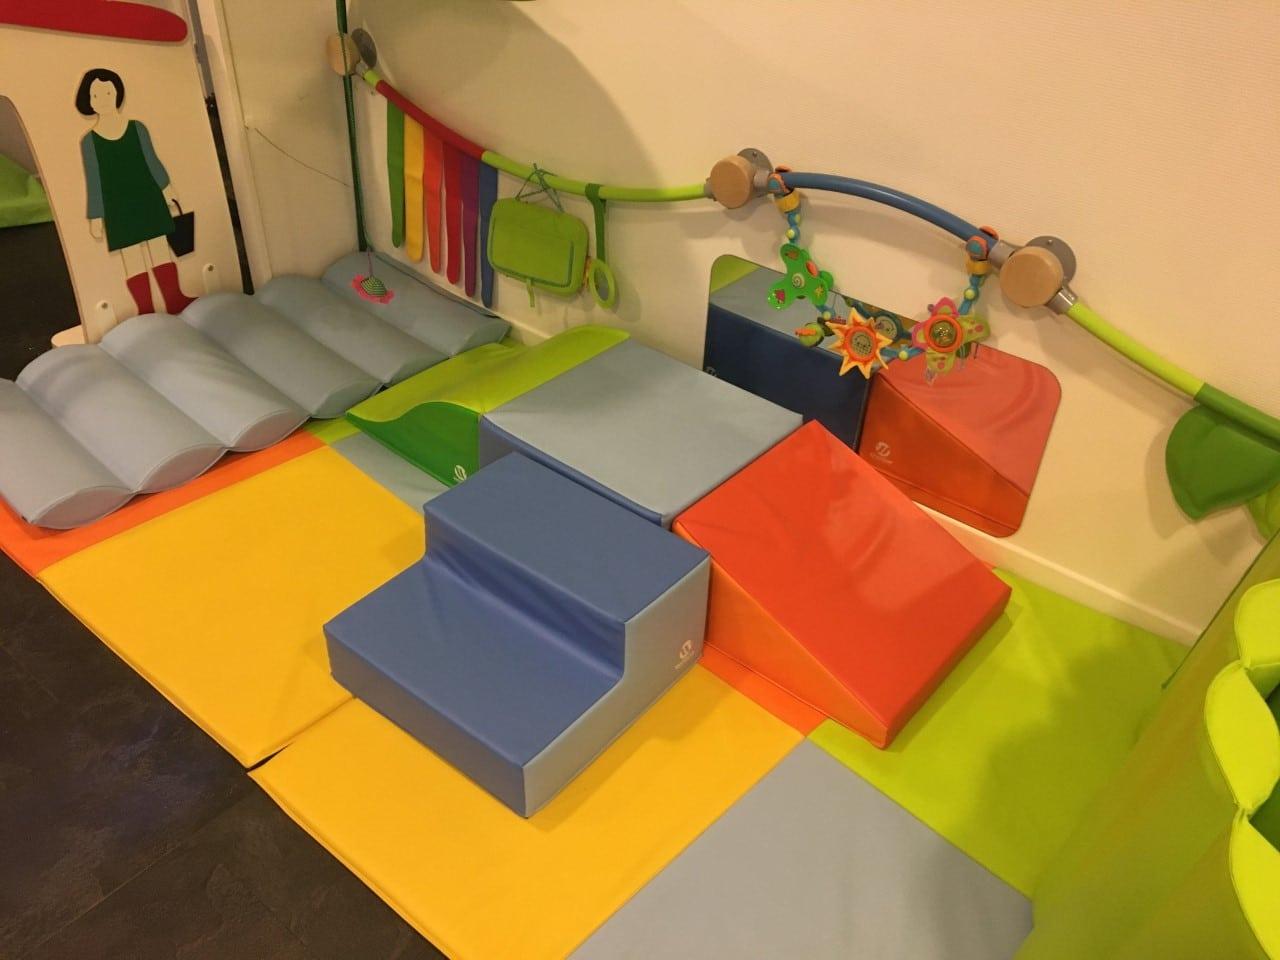 Jeux au sol et obstacles - Micro-crèche Fushia Le Havre